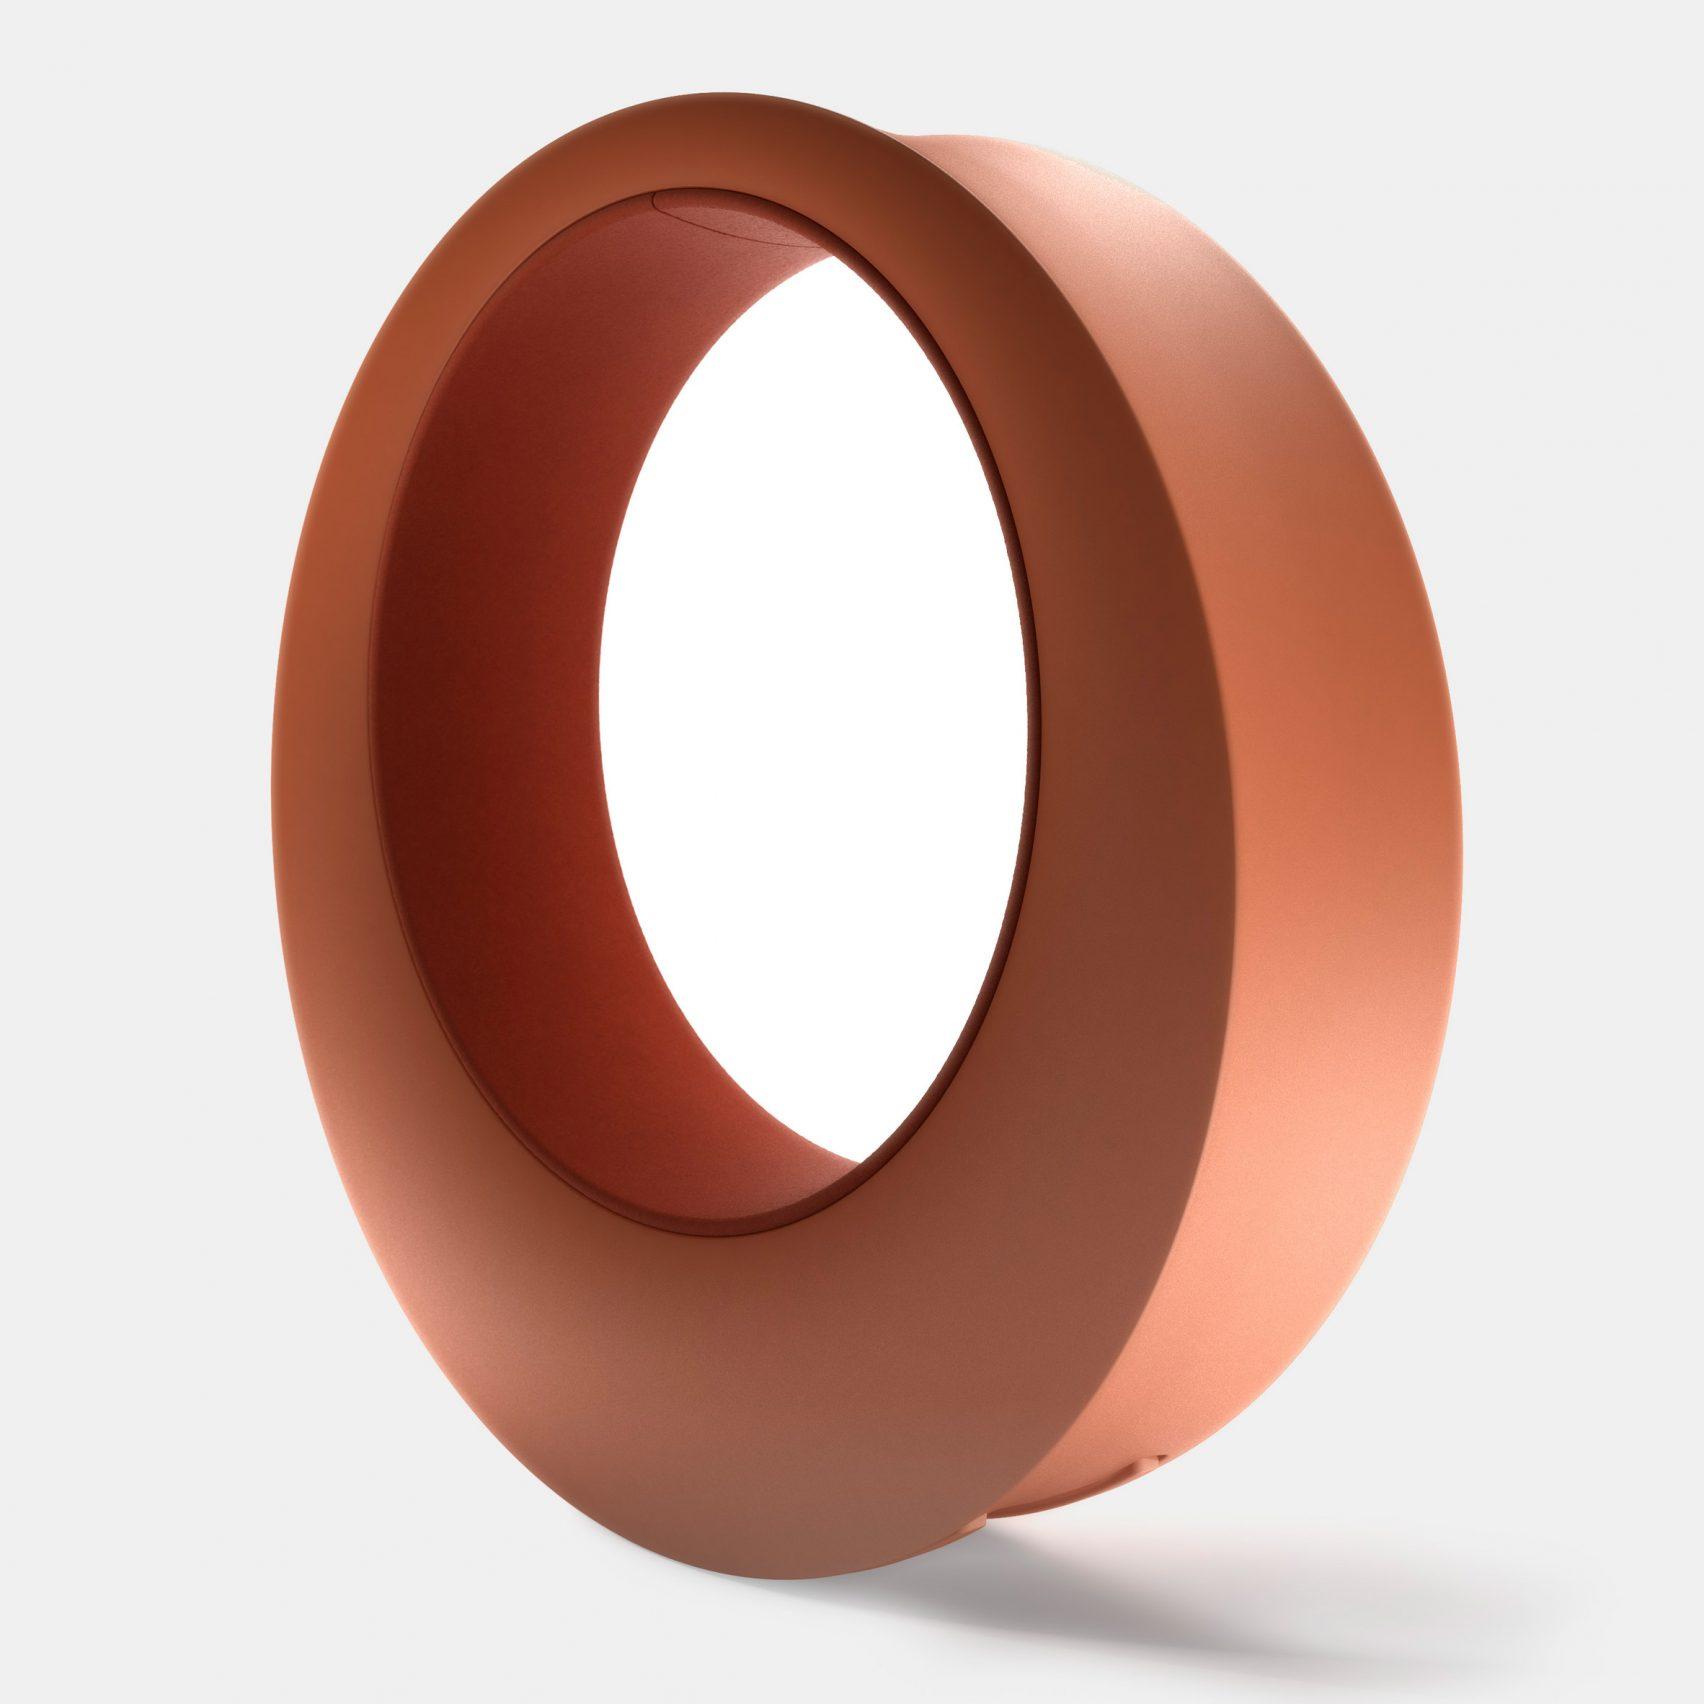 Moooi furniture at Milan design week